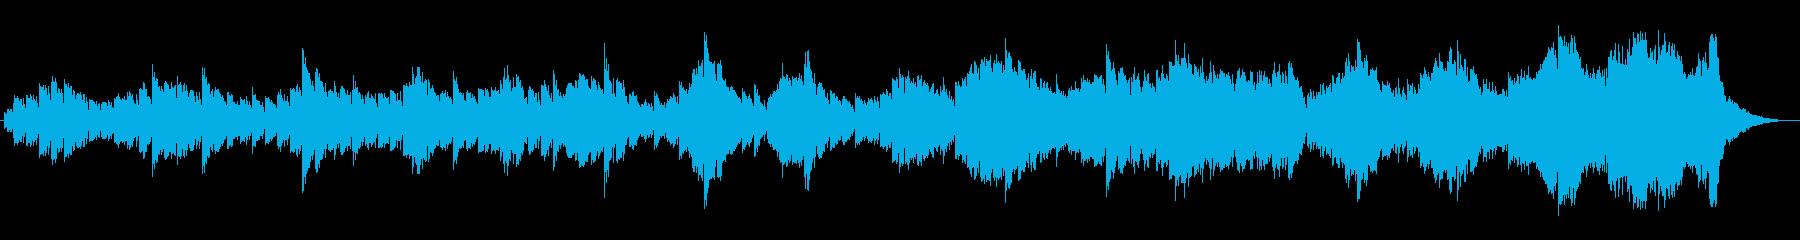 幻想的な美しいピアノのループの曲の再生済みの波形